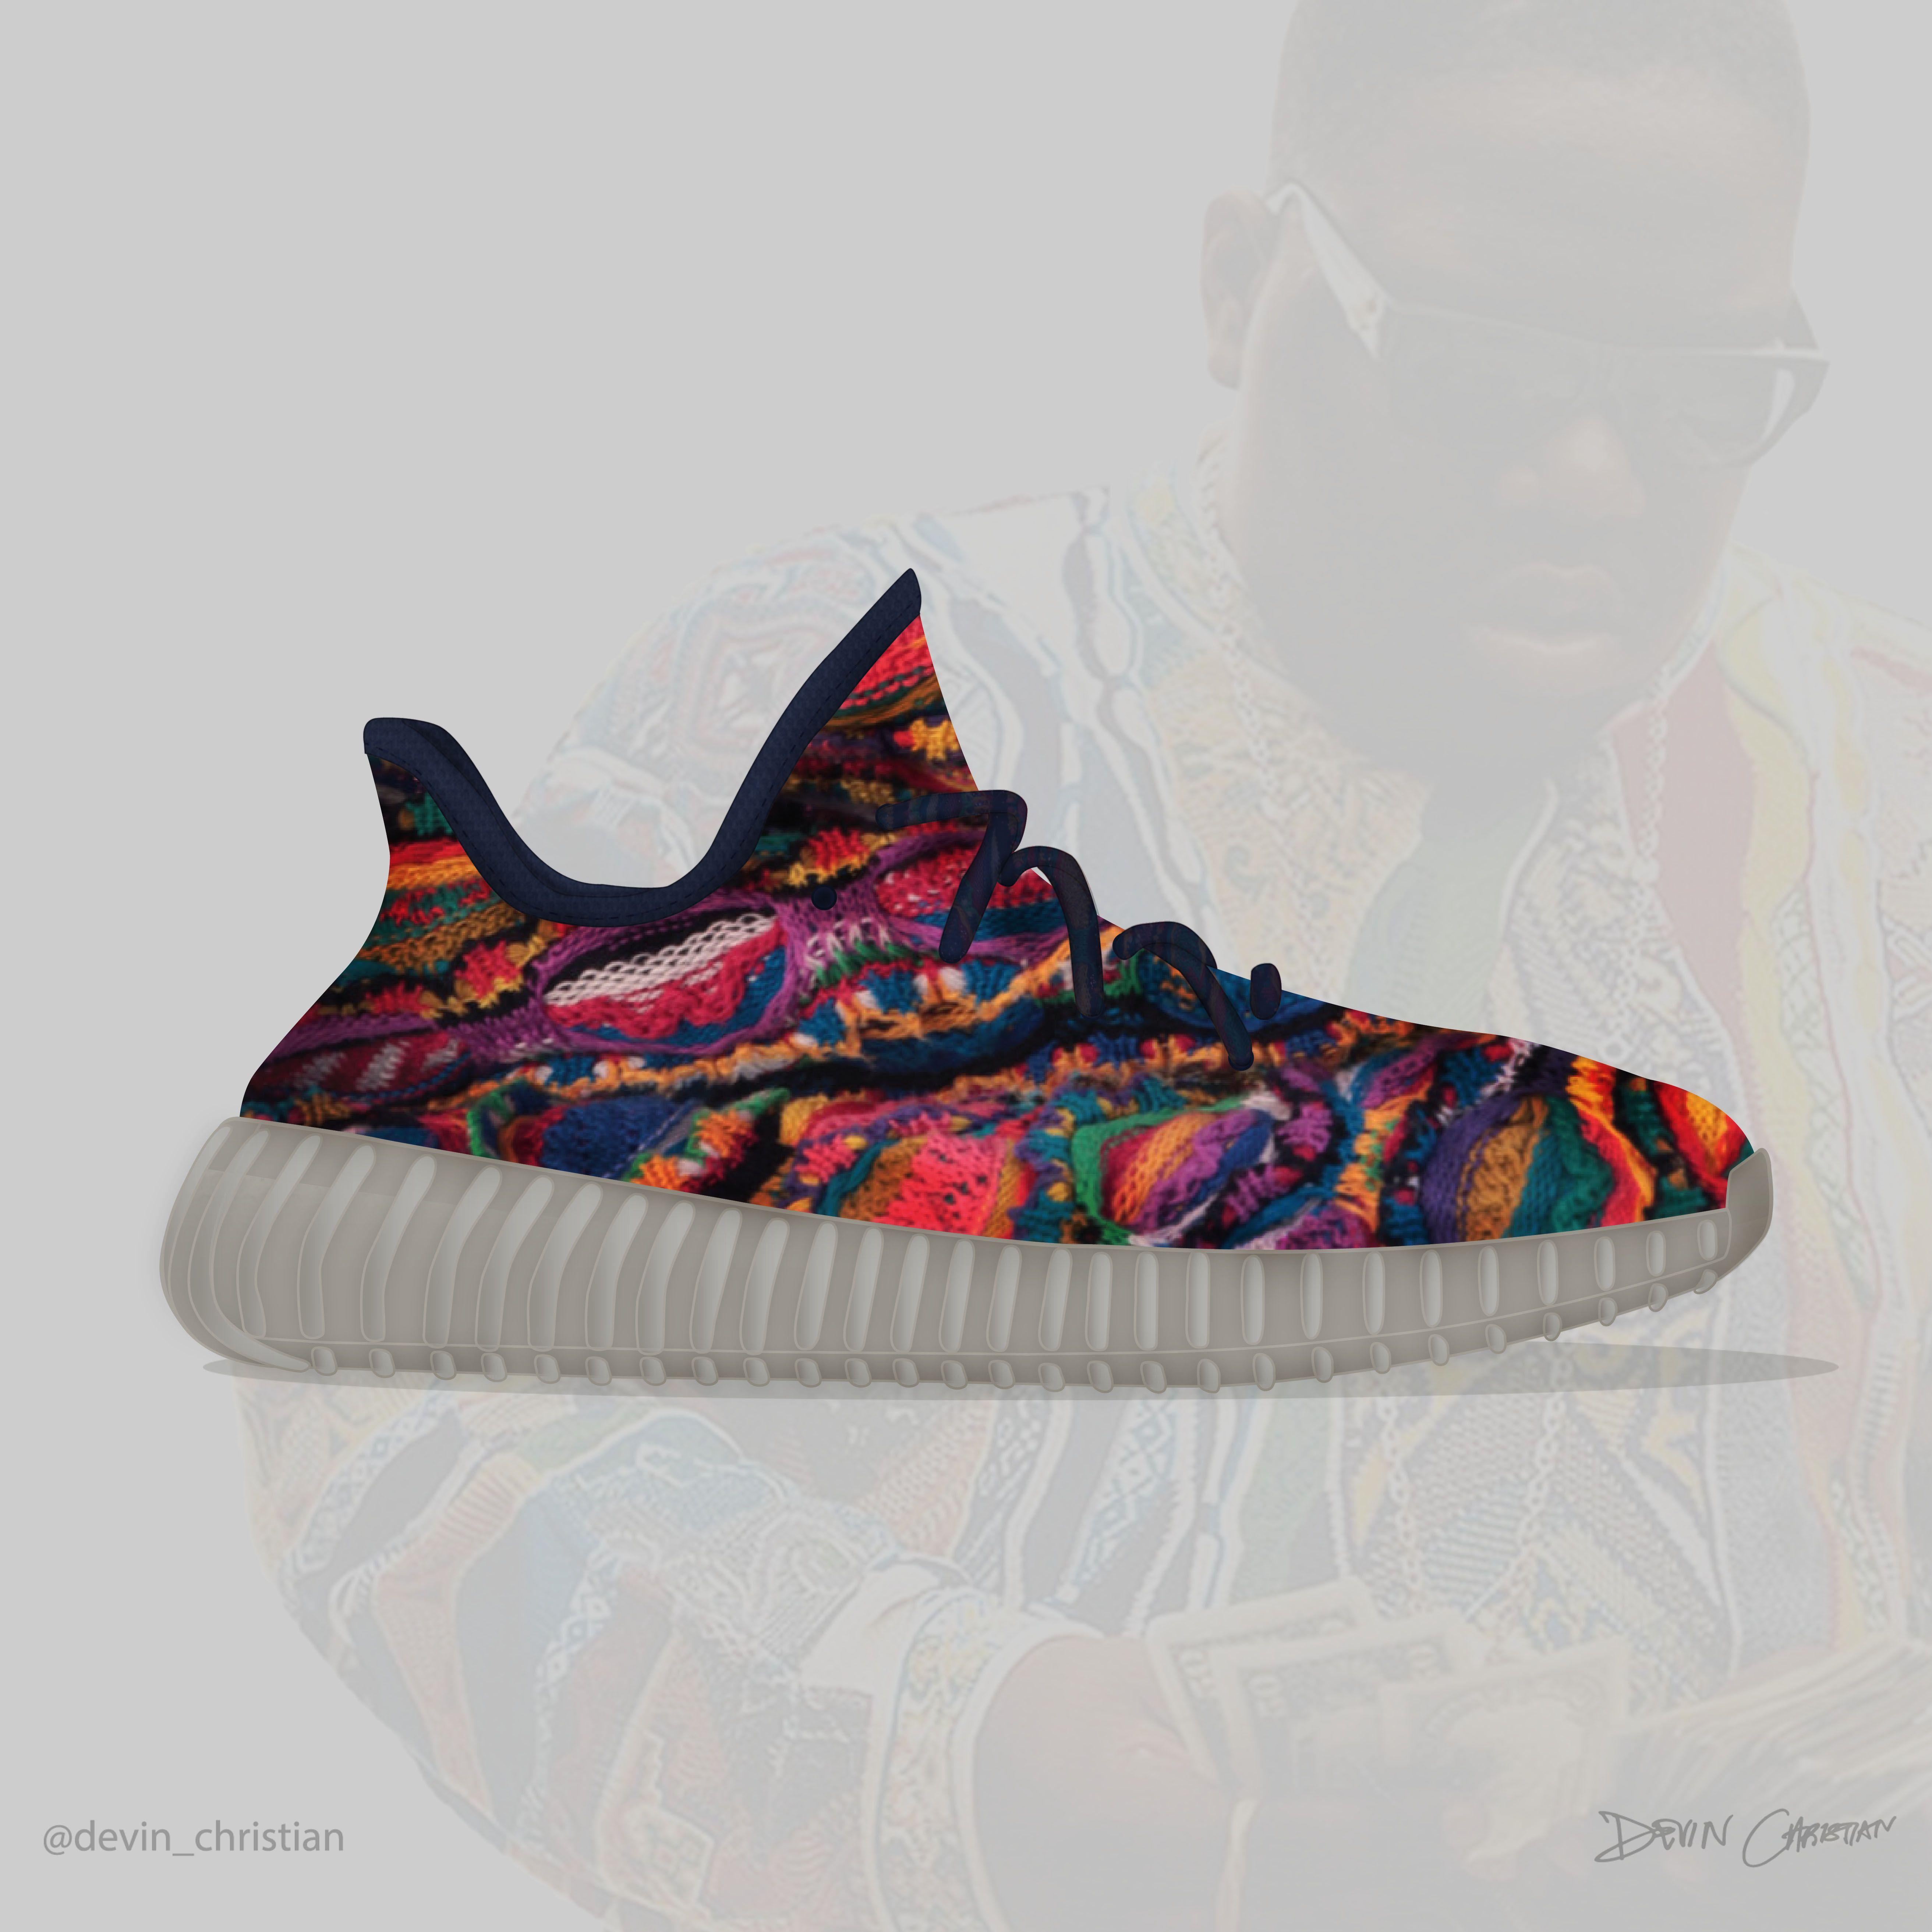 yeezy boost 350 x nike roshe run custom sneaker artist